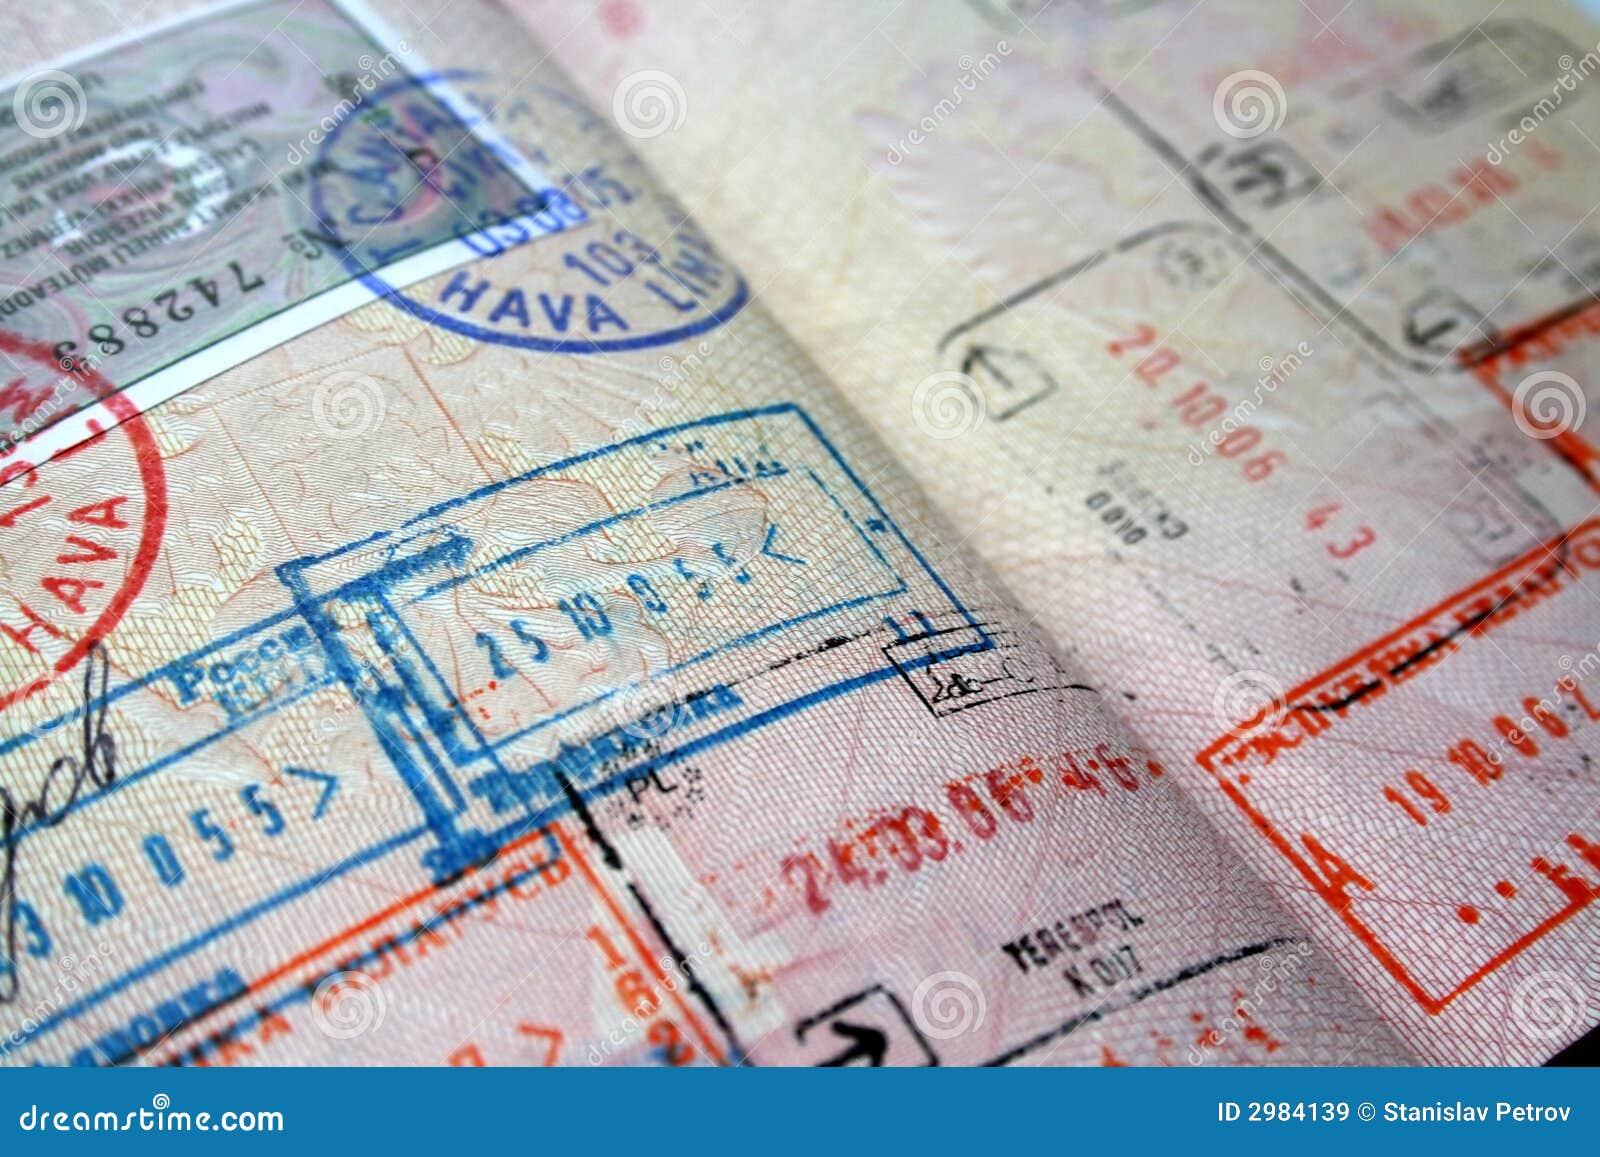 Как сделать транзитную визу в черногорию россиянам